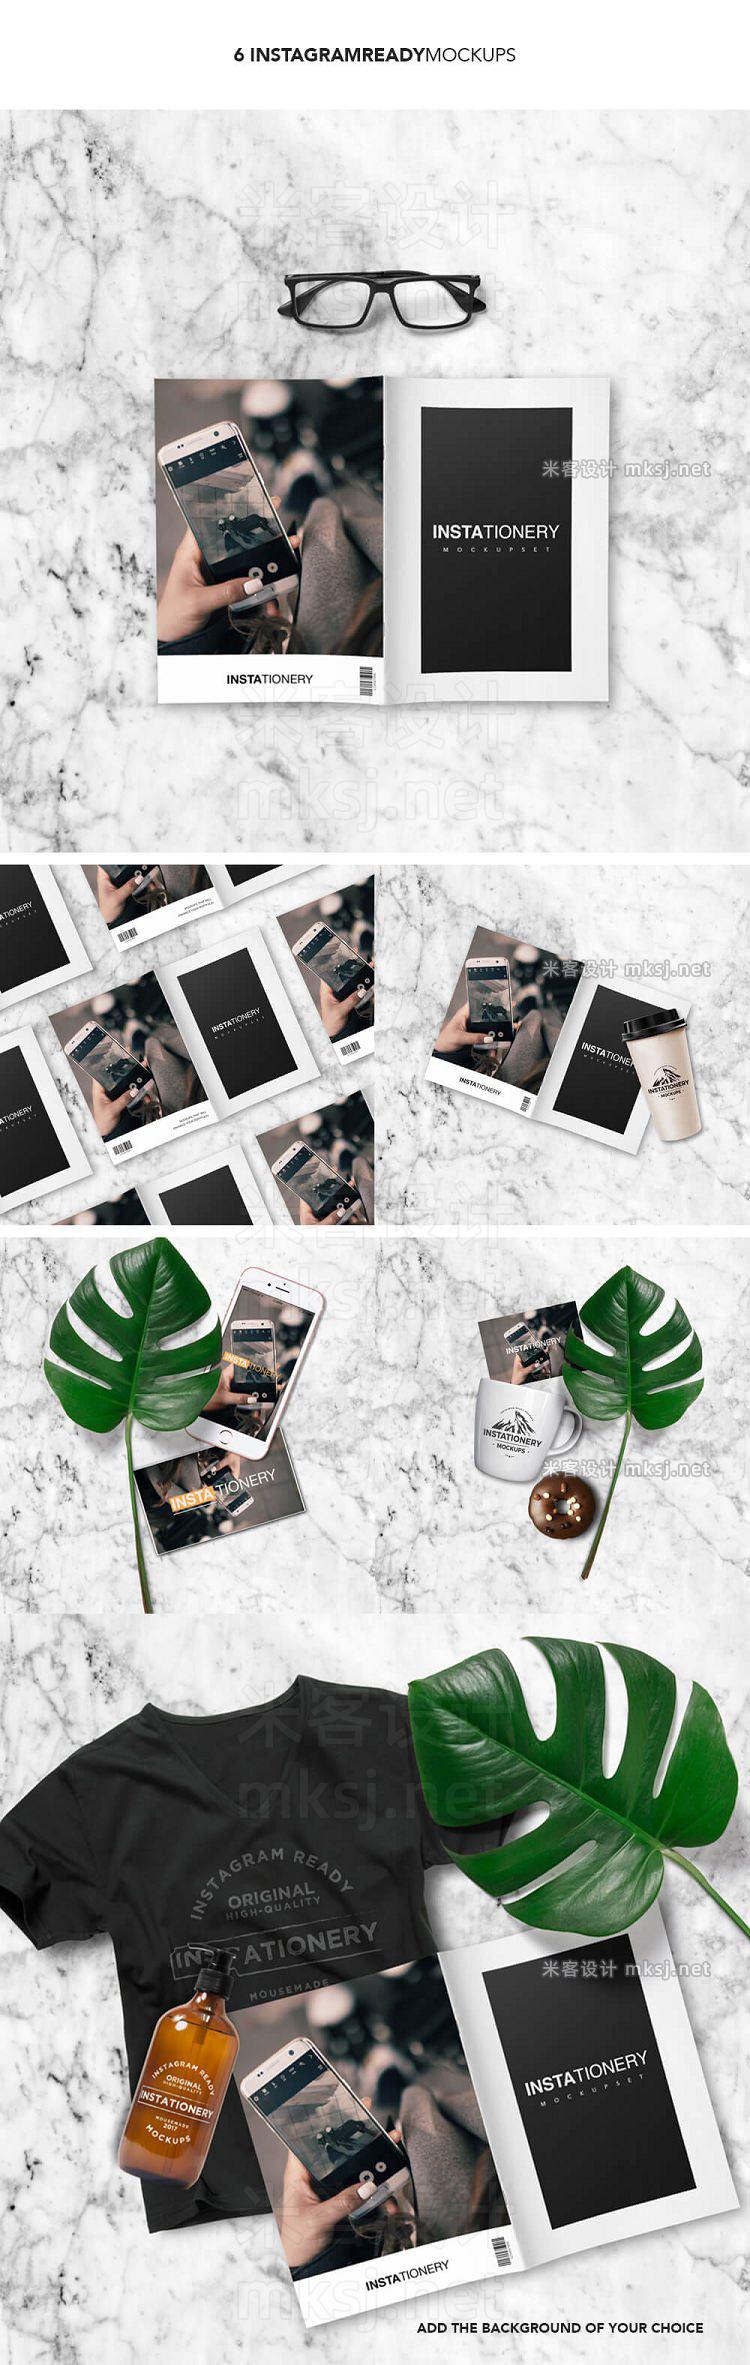 咖啡杯T恤菜单名片艺术相框标牌果汁杯PS模型mockup样机